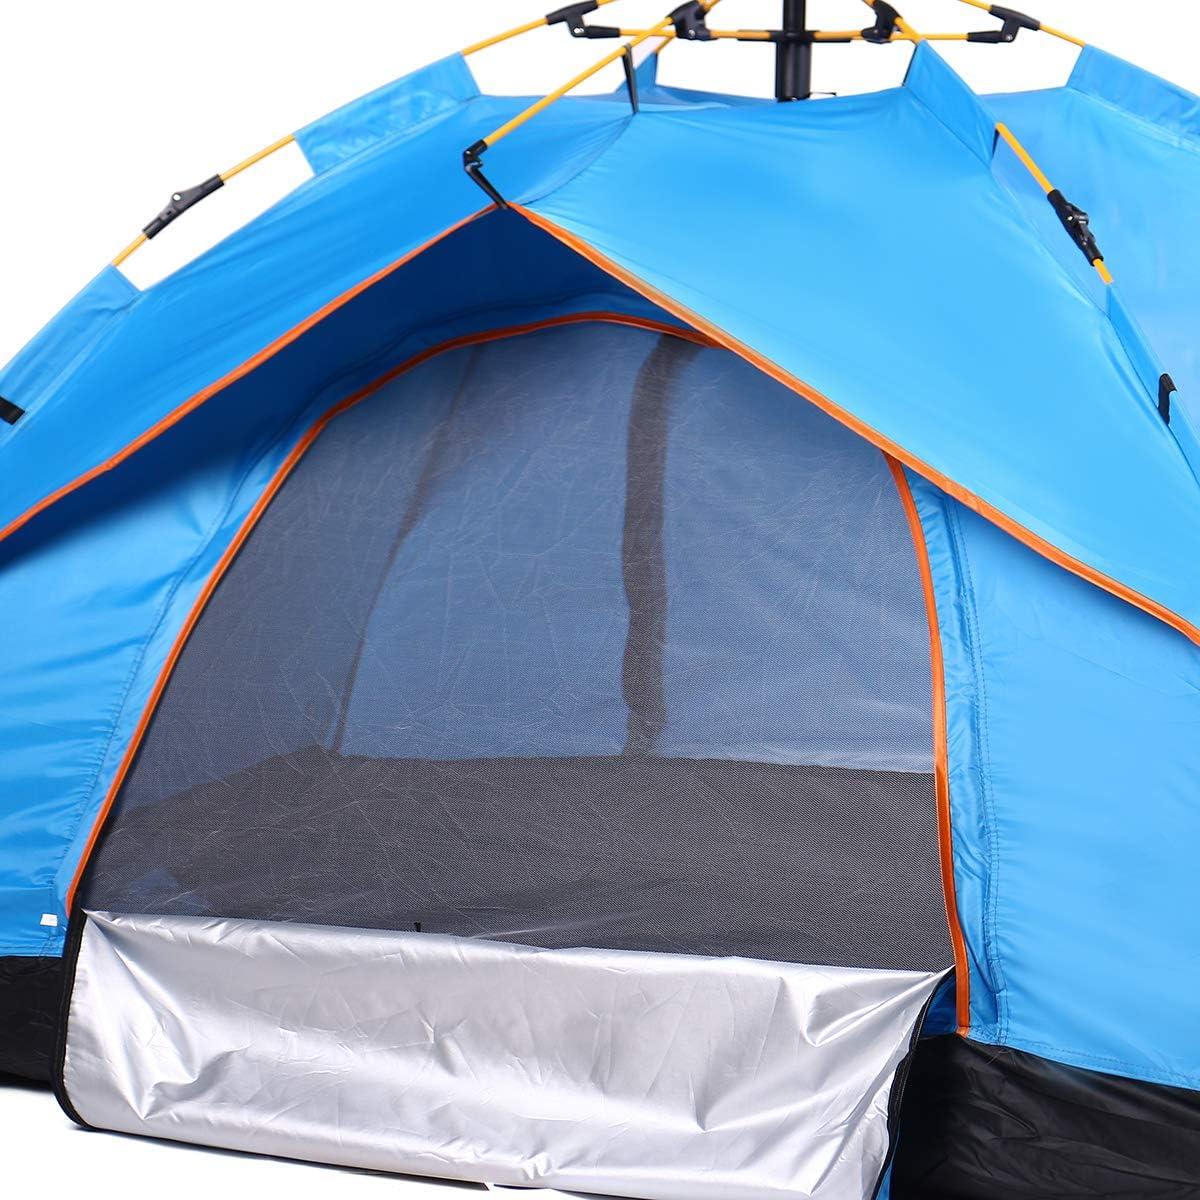 Robasiom 1-2 personen enkele laag volledige automatische camping tent vouwen dikke regendicht buiten wandelen reizen ORANJE ORANJE